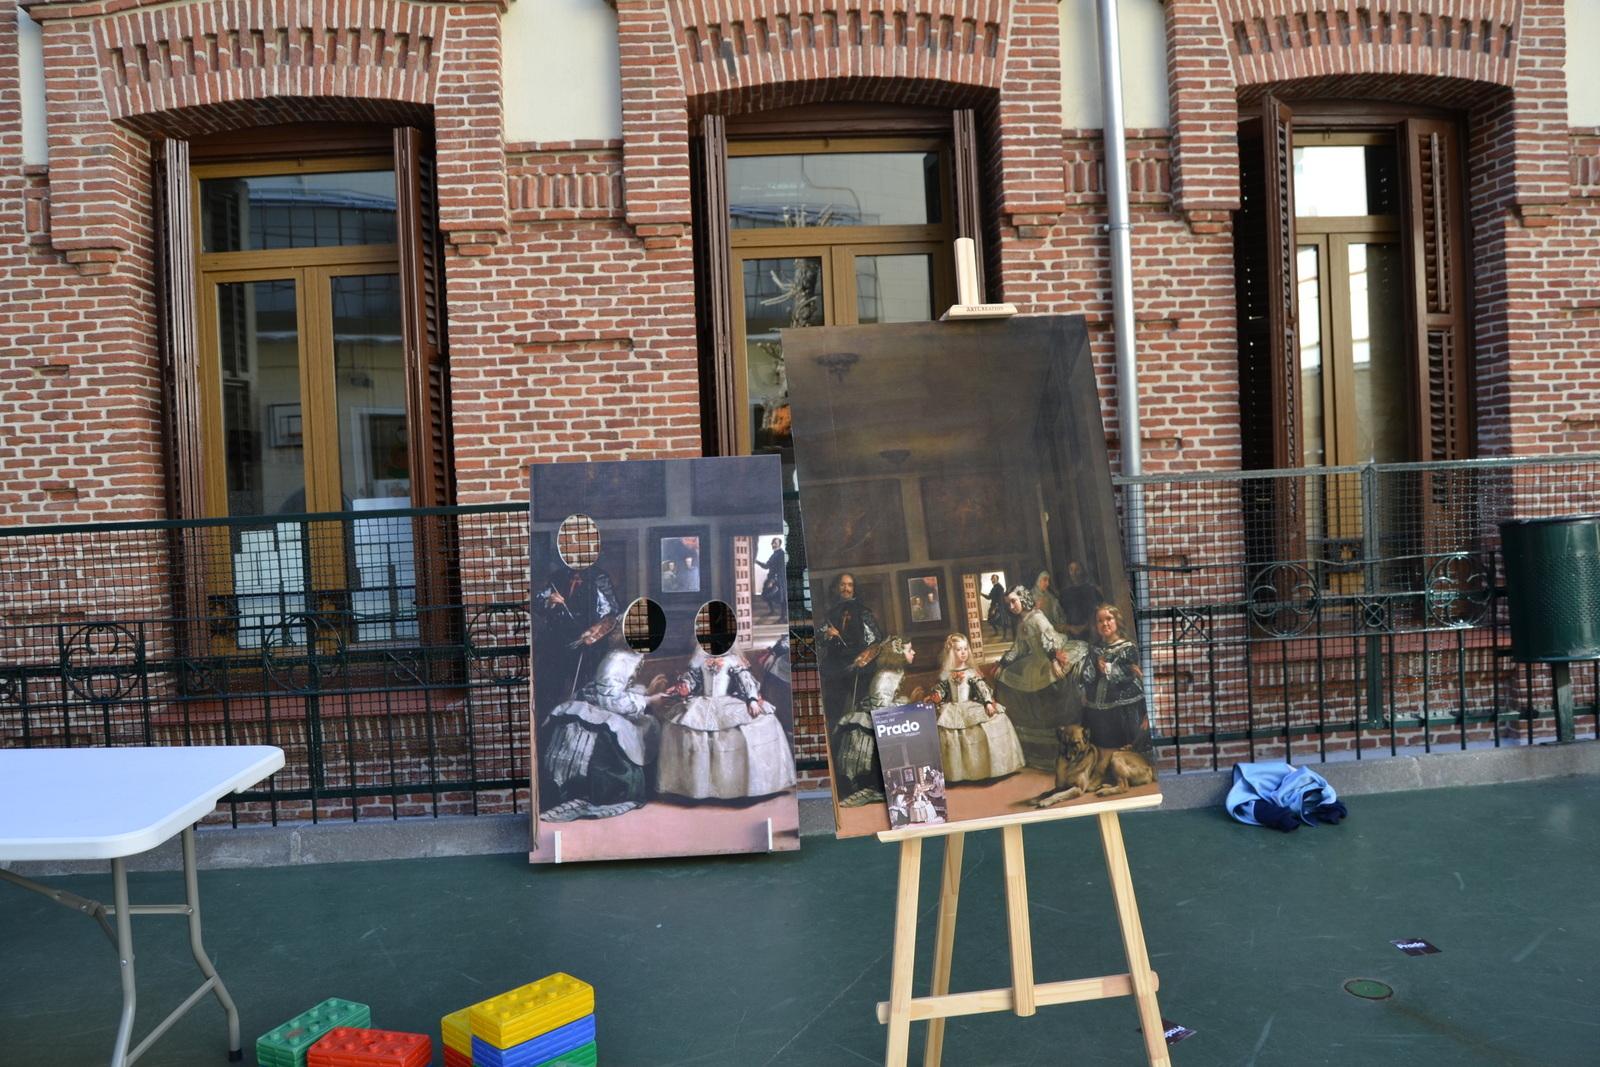 Jornadas Culturales y Depoortivas 2018 Exposiciones 3 7